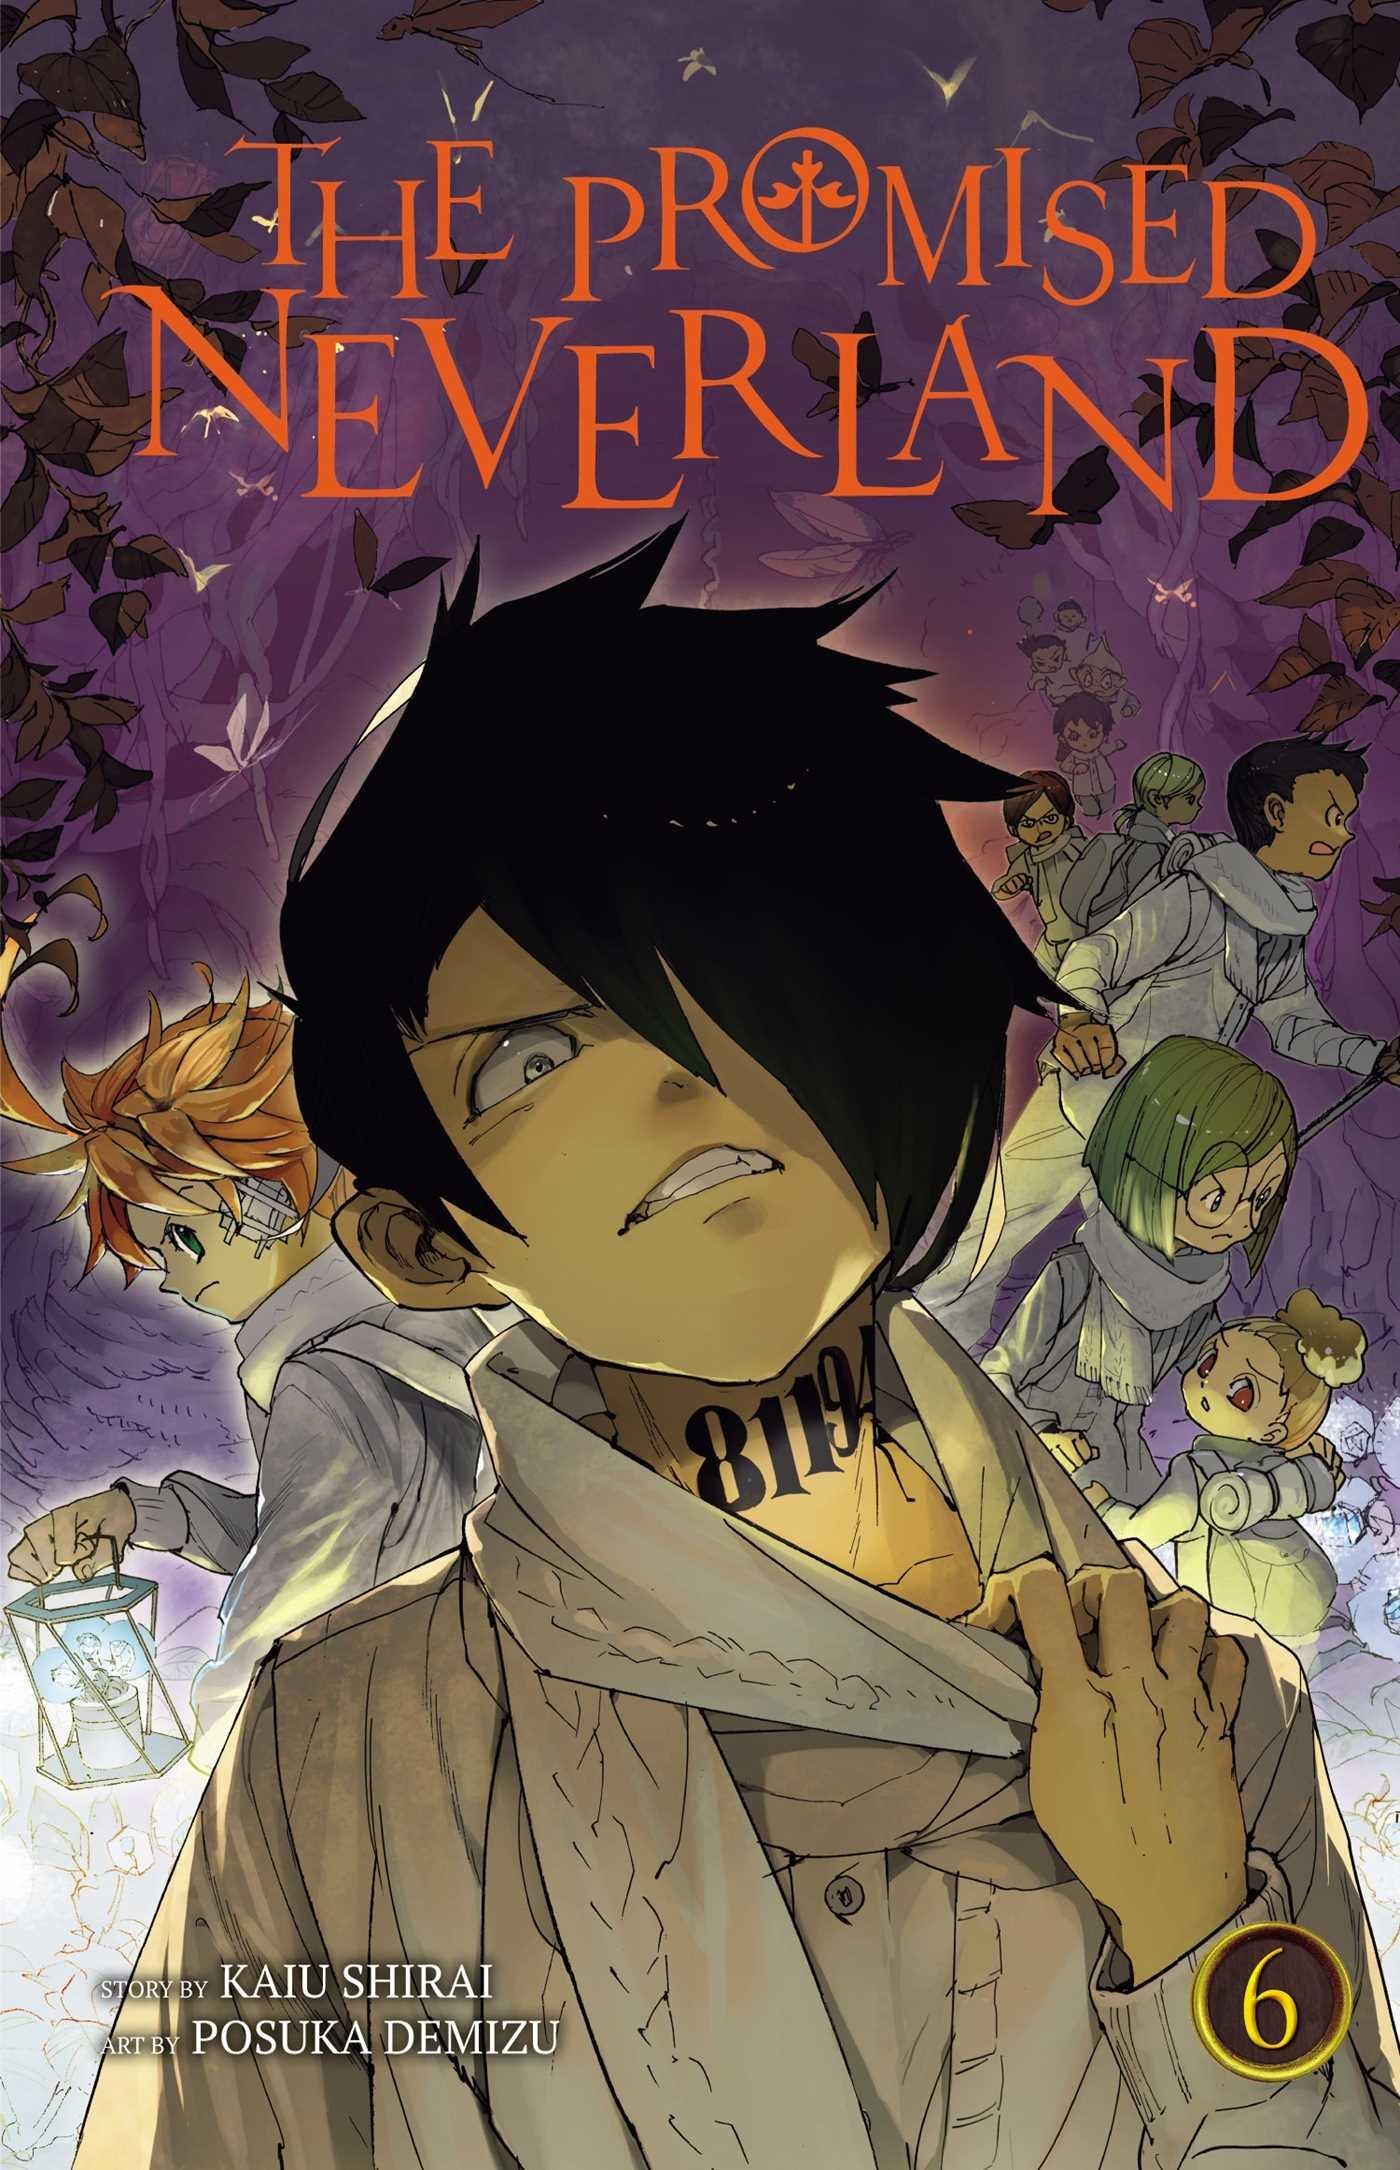 約束のネバーランド 6 [Yakusoku no Neverland 6] by Kaiu Shirai